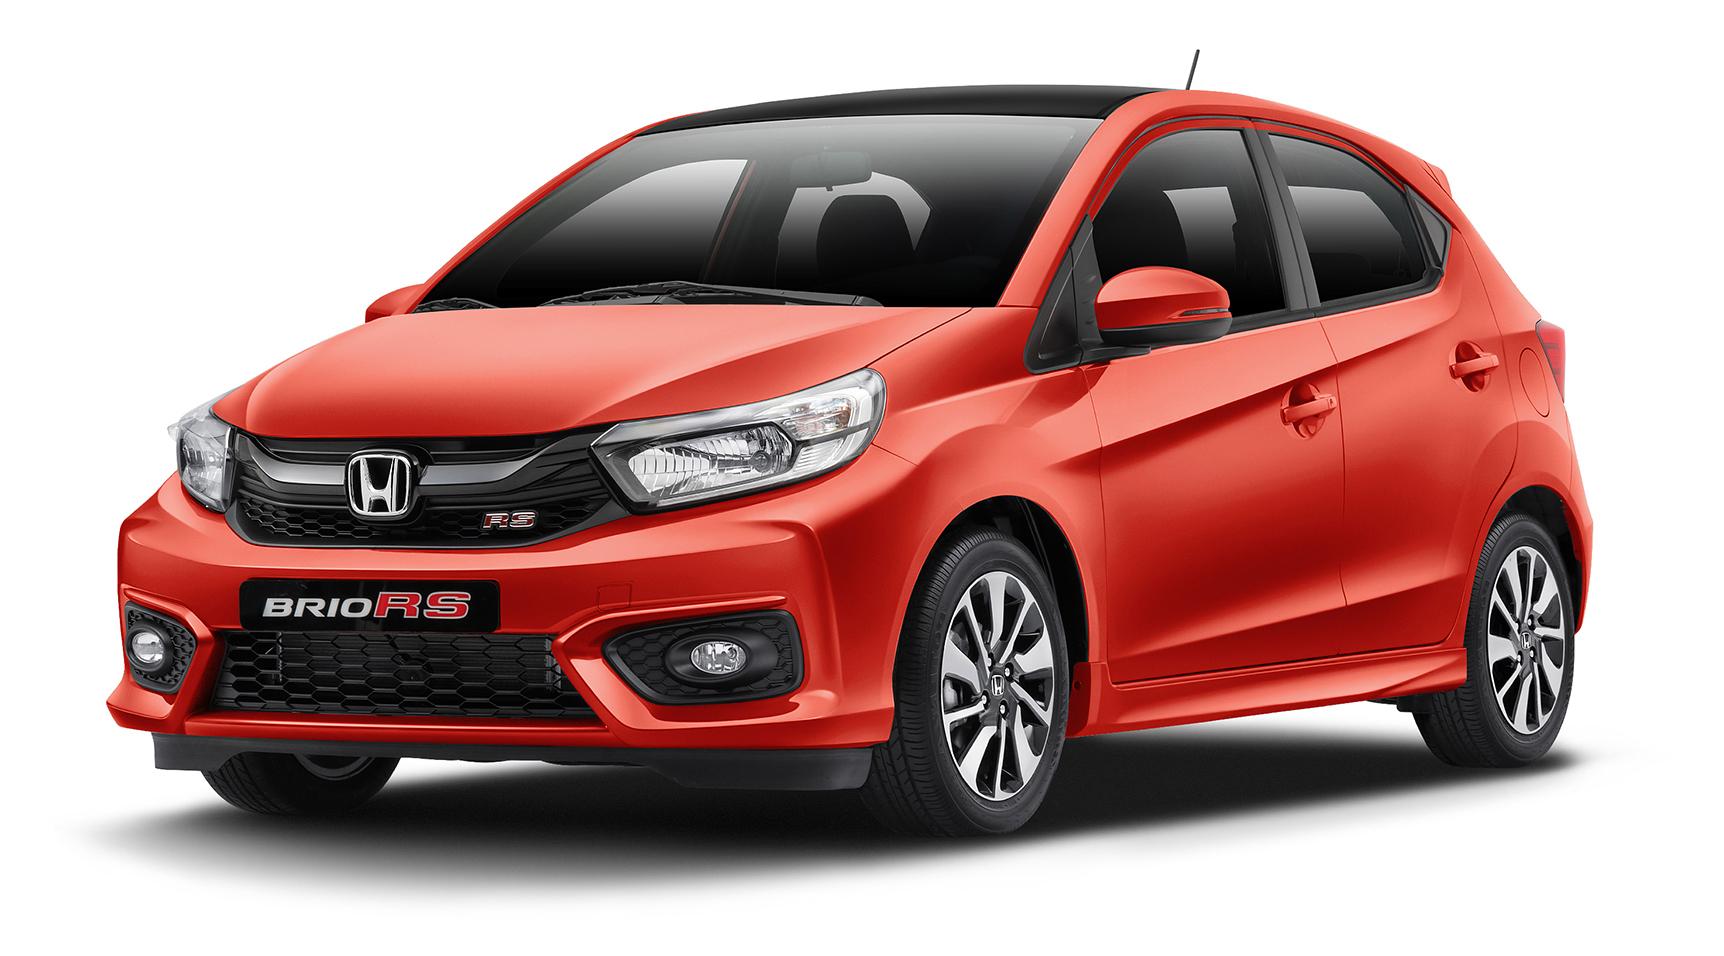 Honda Brio 2021 - Honda Ô tô Nha Trang - Honda Ô tô Khánh Hòa - 0905 069 259